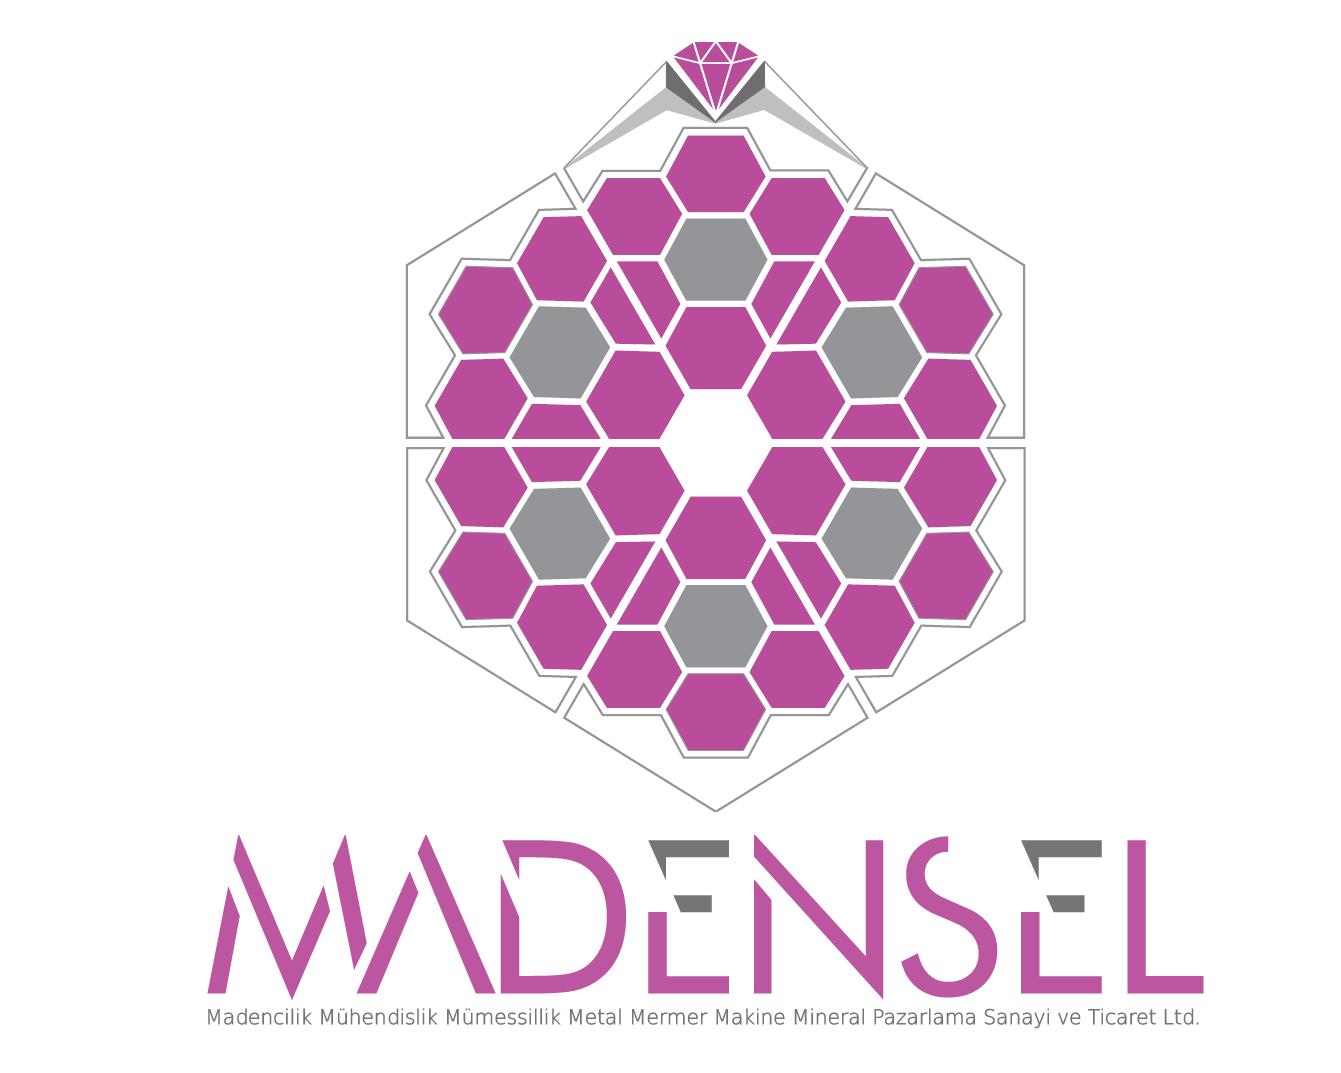 MADENSEL MADENCILIK MUHENDISLIK MAKINE MINERAL PAZARLAMA LTD. STI.